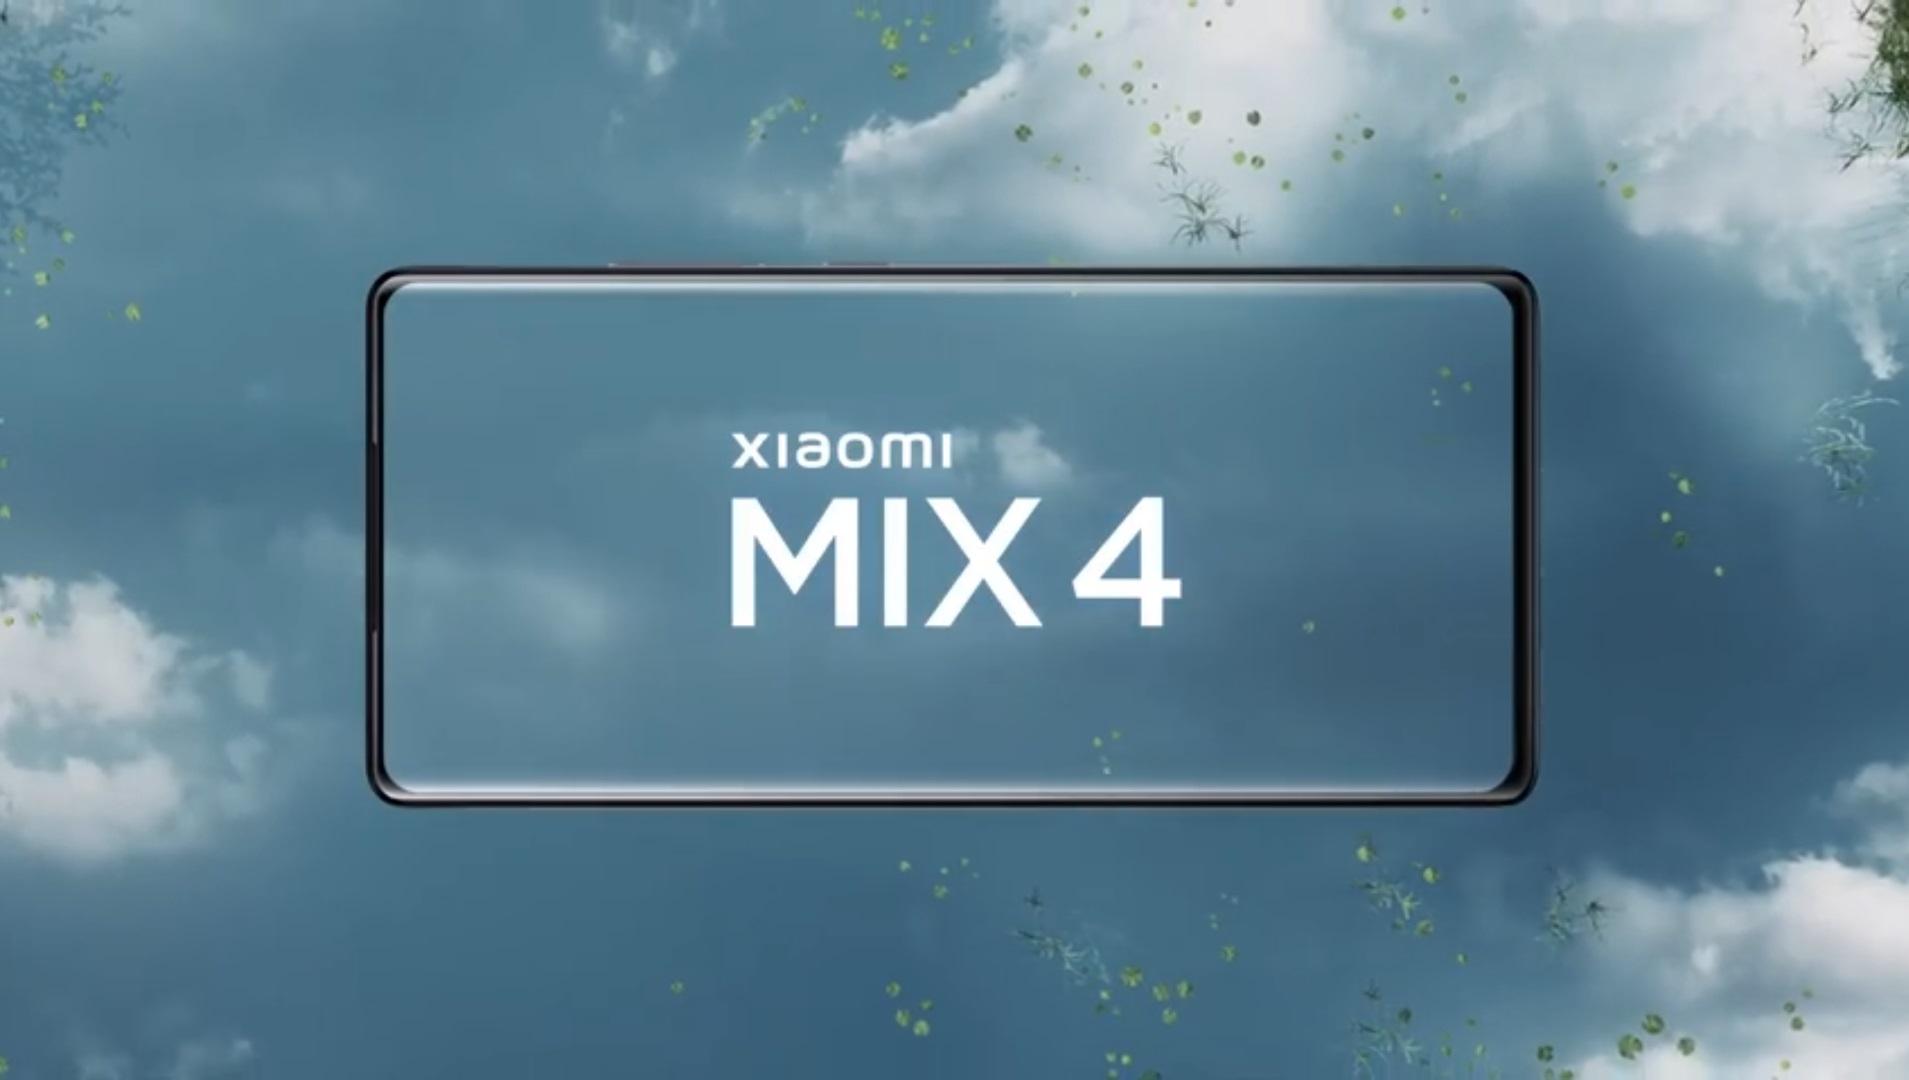 زمان عرضه شیائومی می میکس 4 مشخص شد